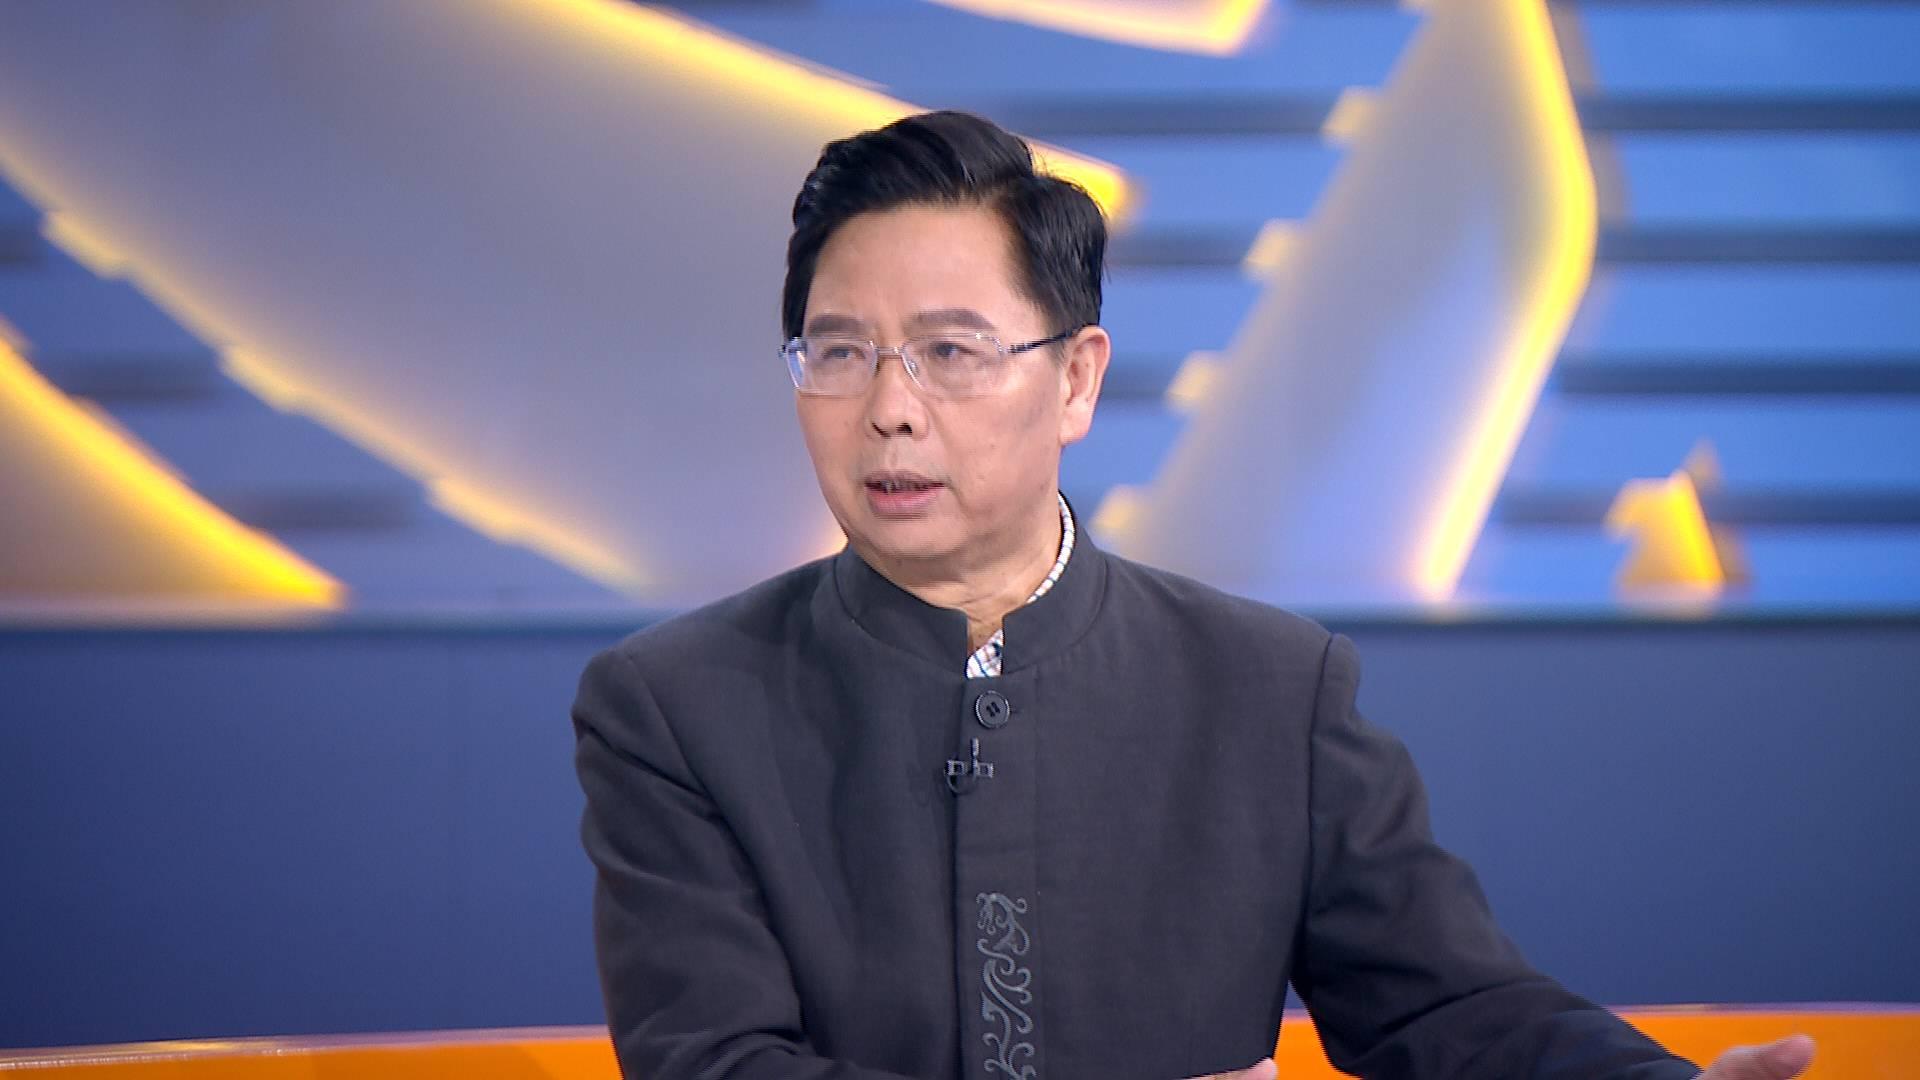 山东大学教授颜炳罡:人类命运共同体是儒学的新时代表达